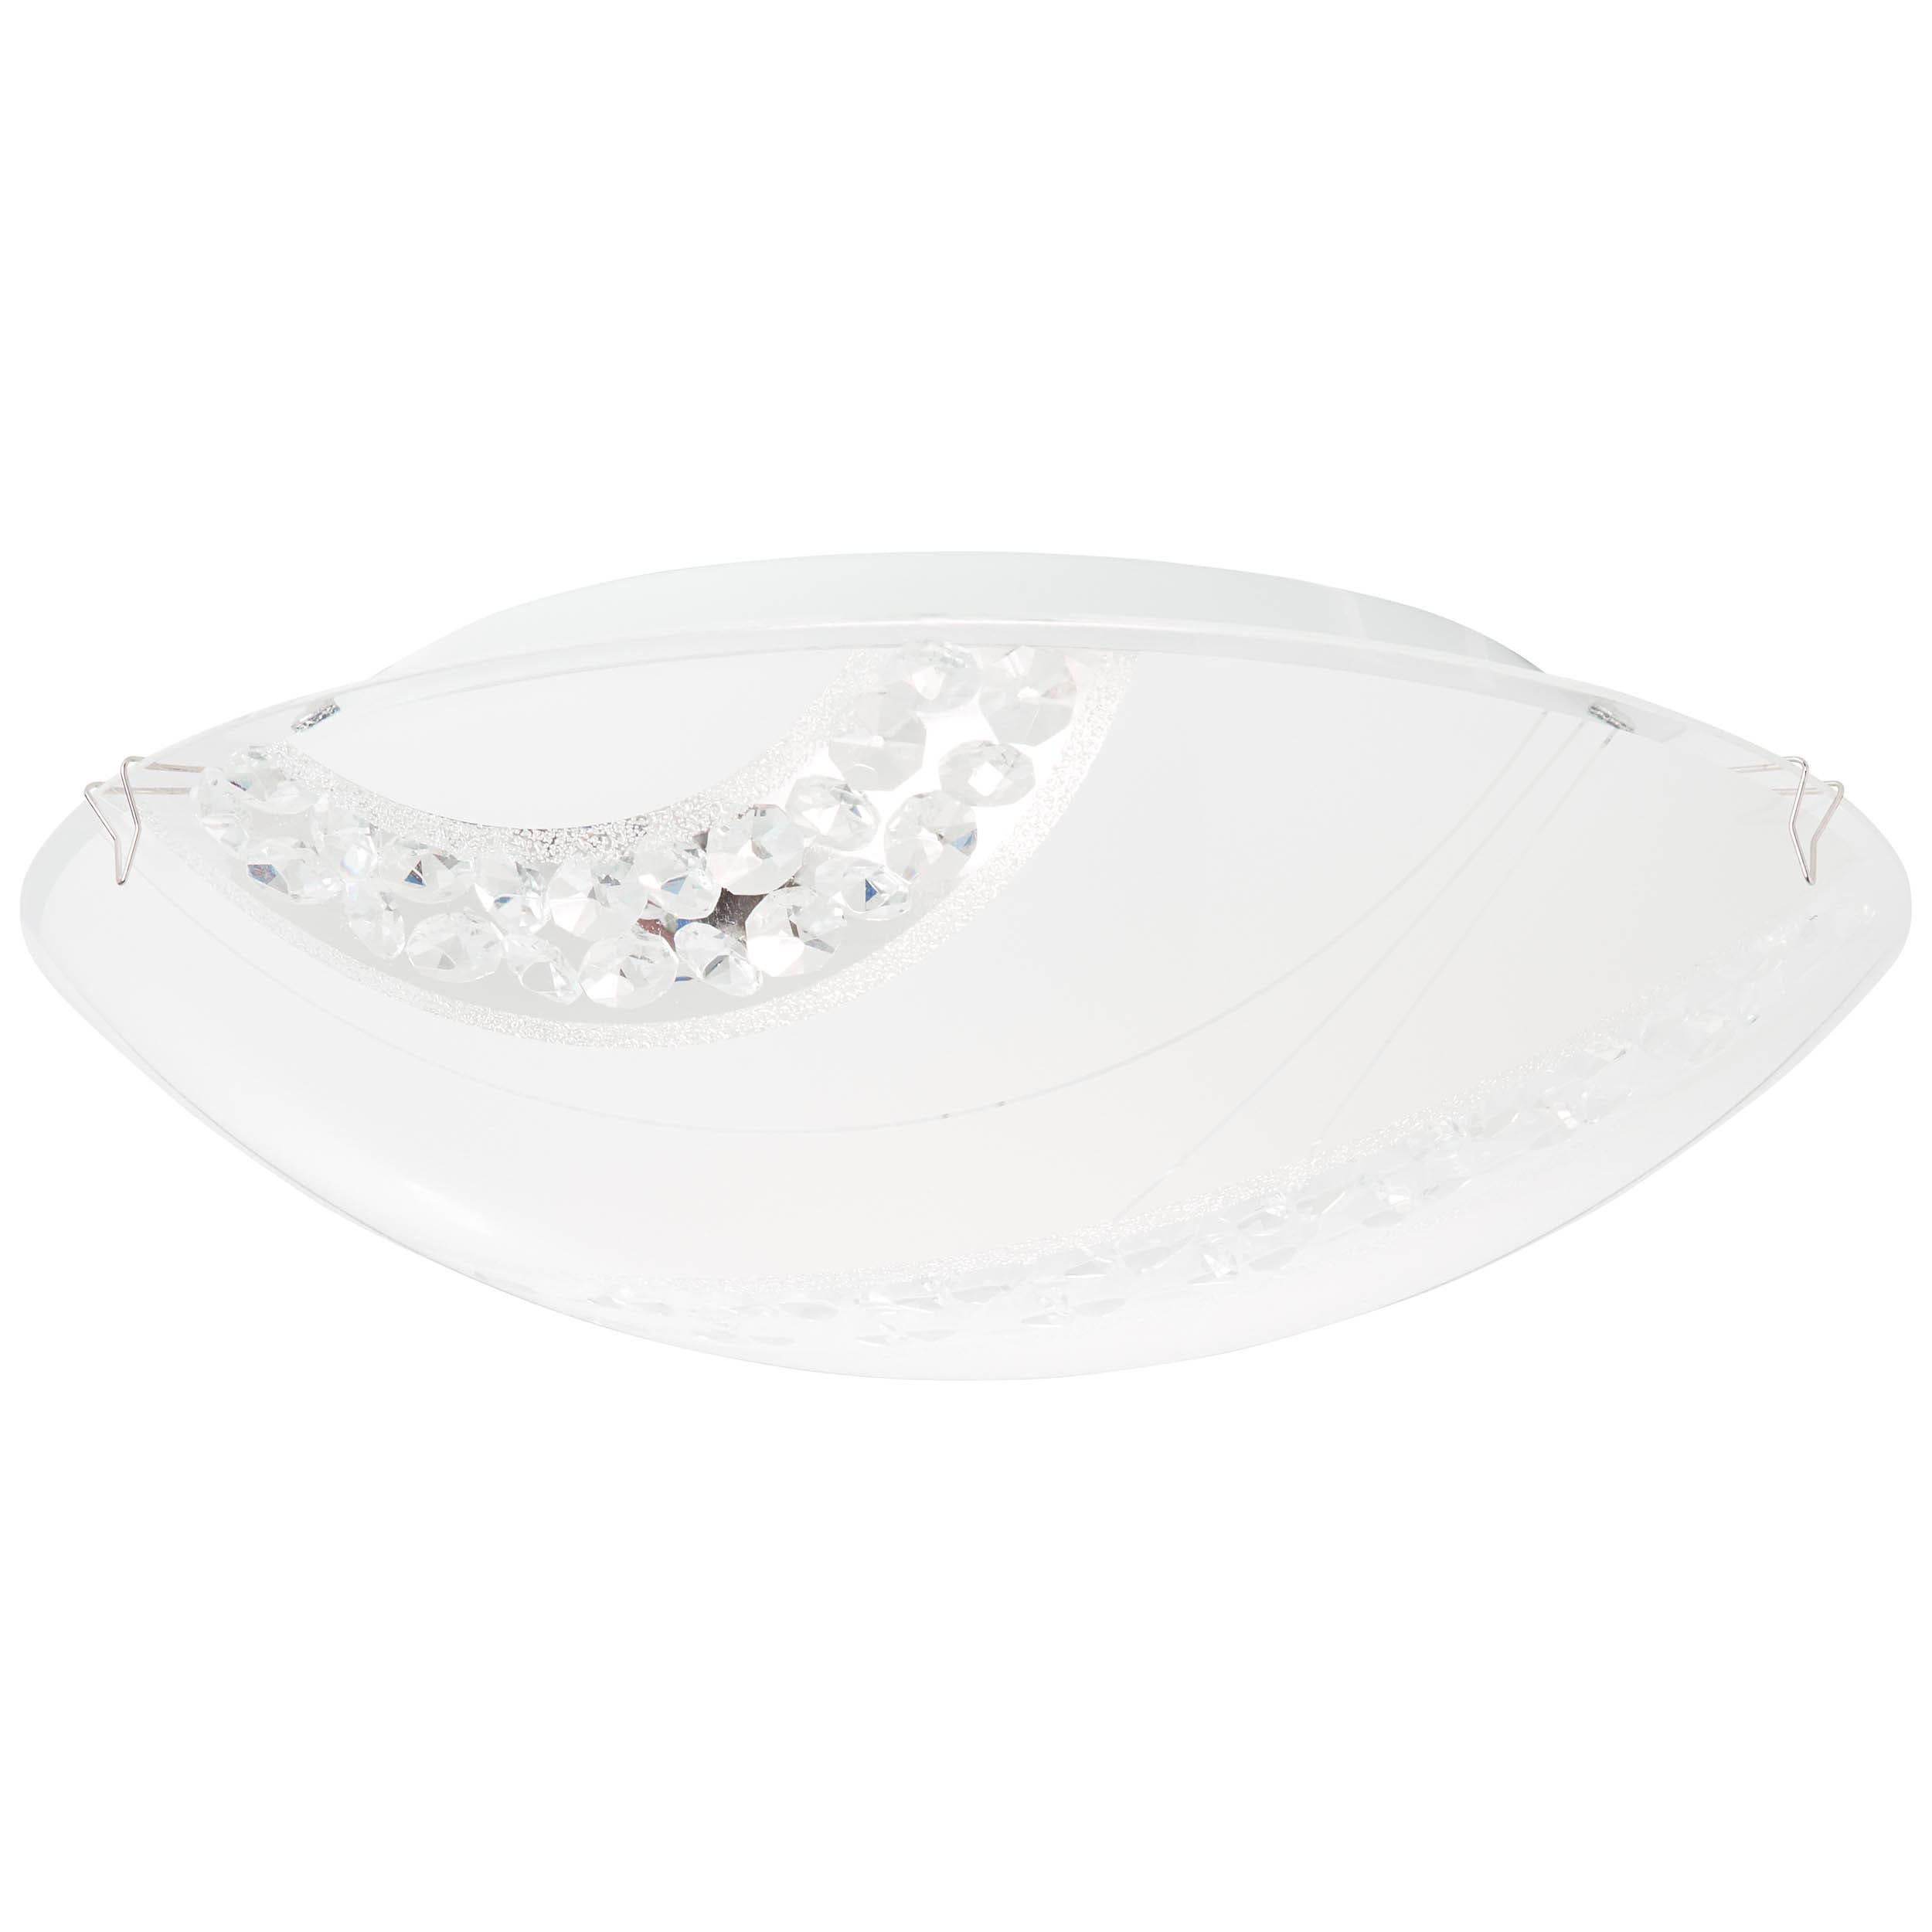 Brilliant Leuchten Pinola LED Wand- und Deckenleuchte 30cm weiß/transparent